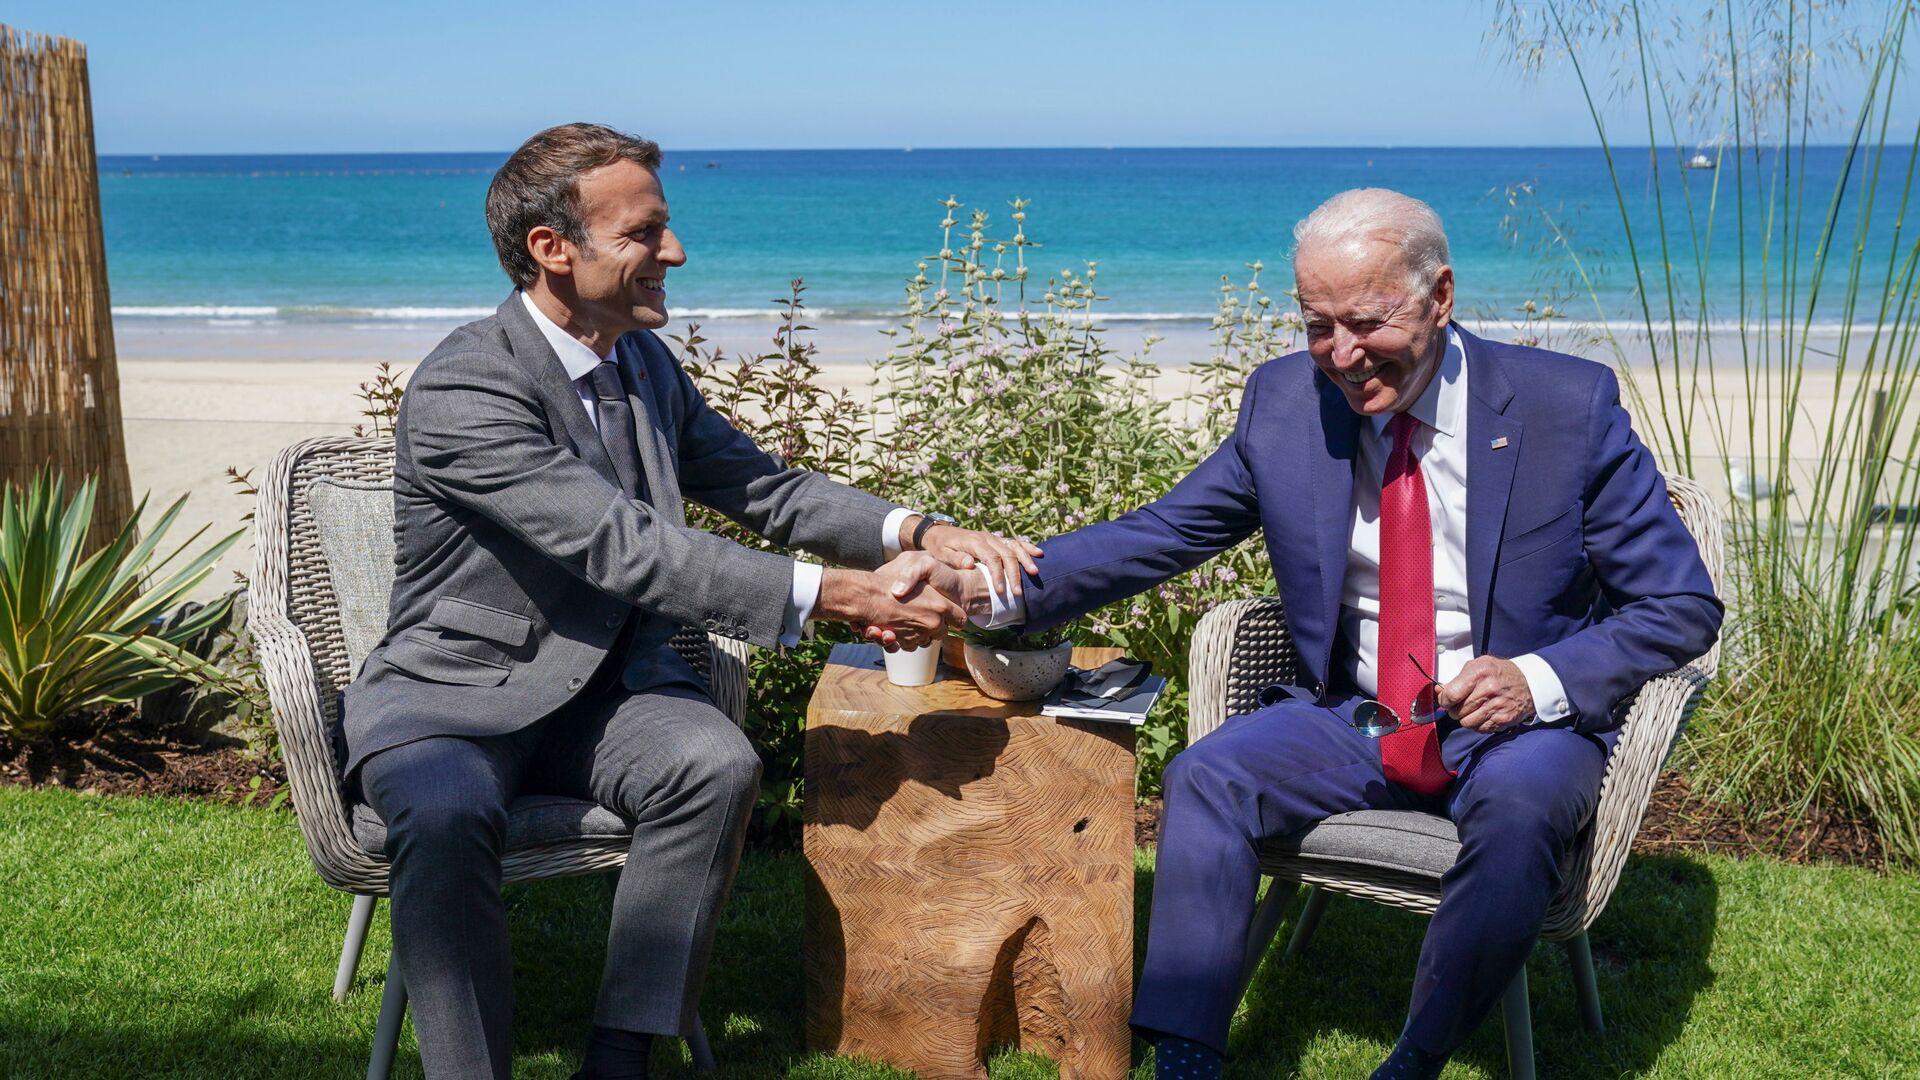 Francouzský prezident Emmanuel Macron a americký prezident Joe Biden na summitu G7 v Británii - Sputnik Česká republika, 1920, 23.09.2021